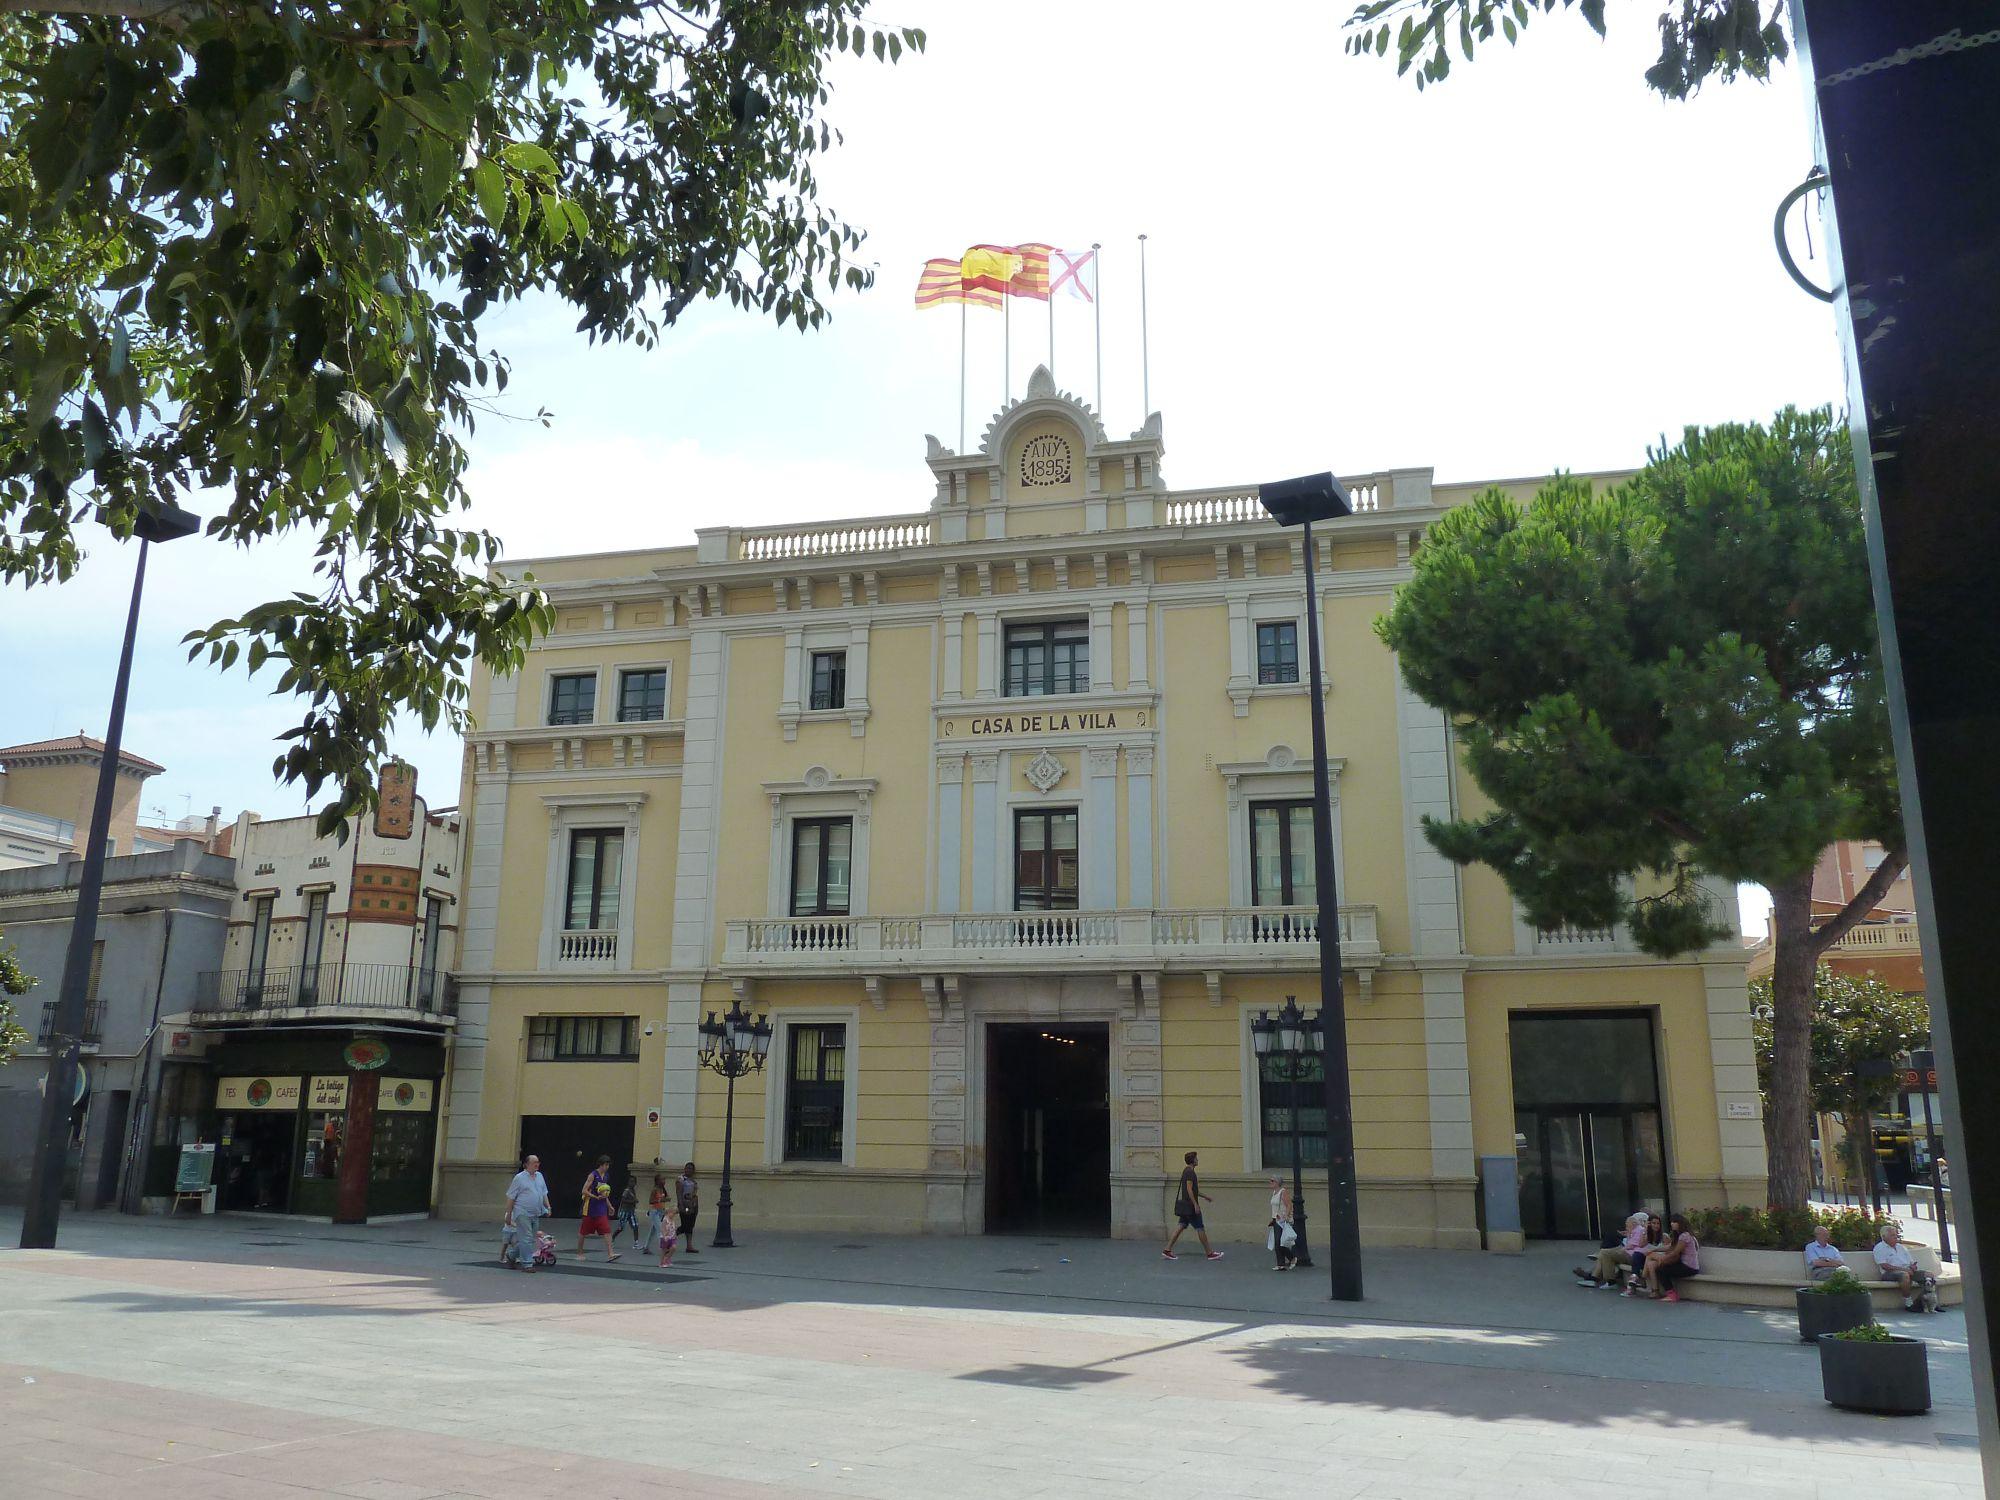 L'Ajuntament de l'Hospitalet